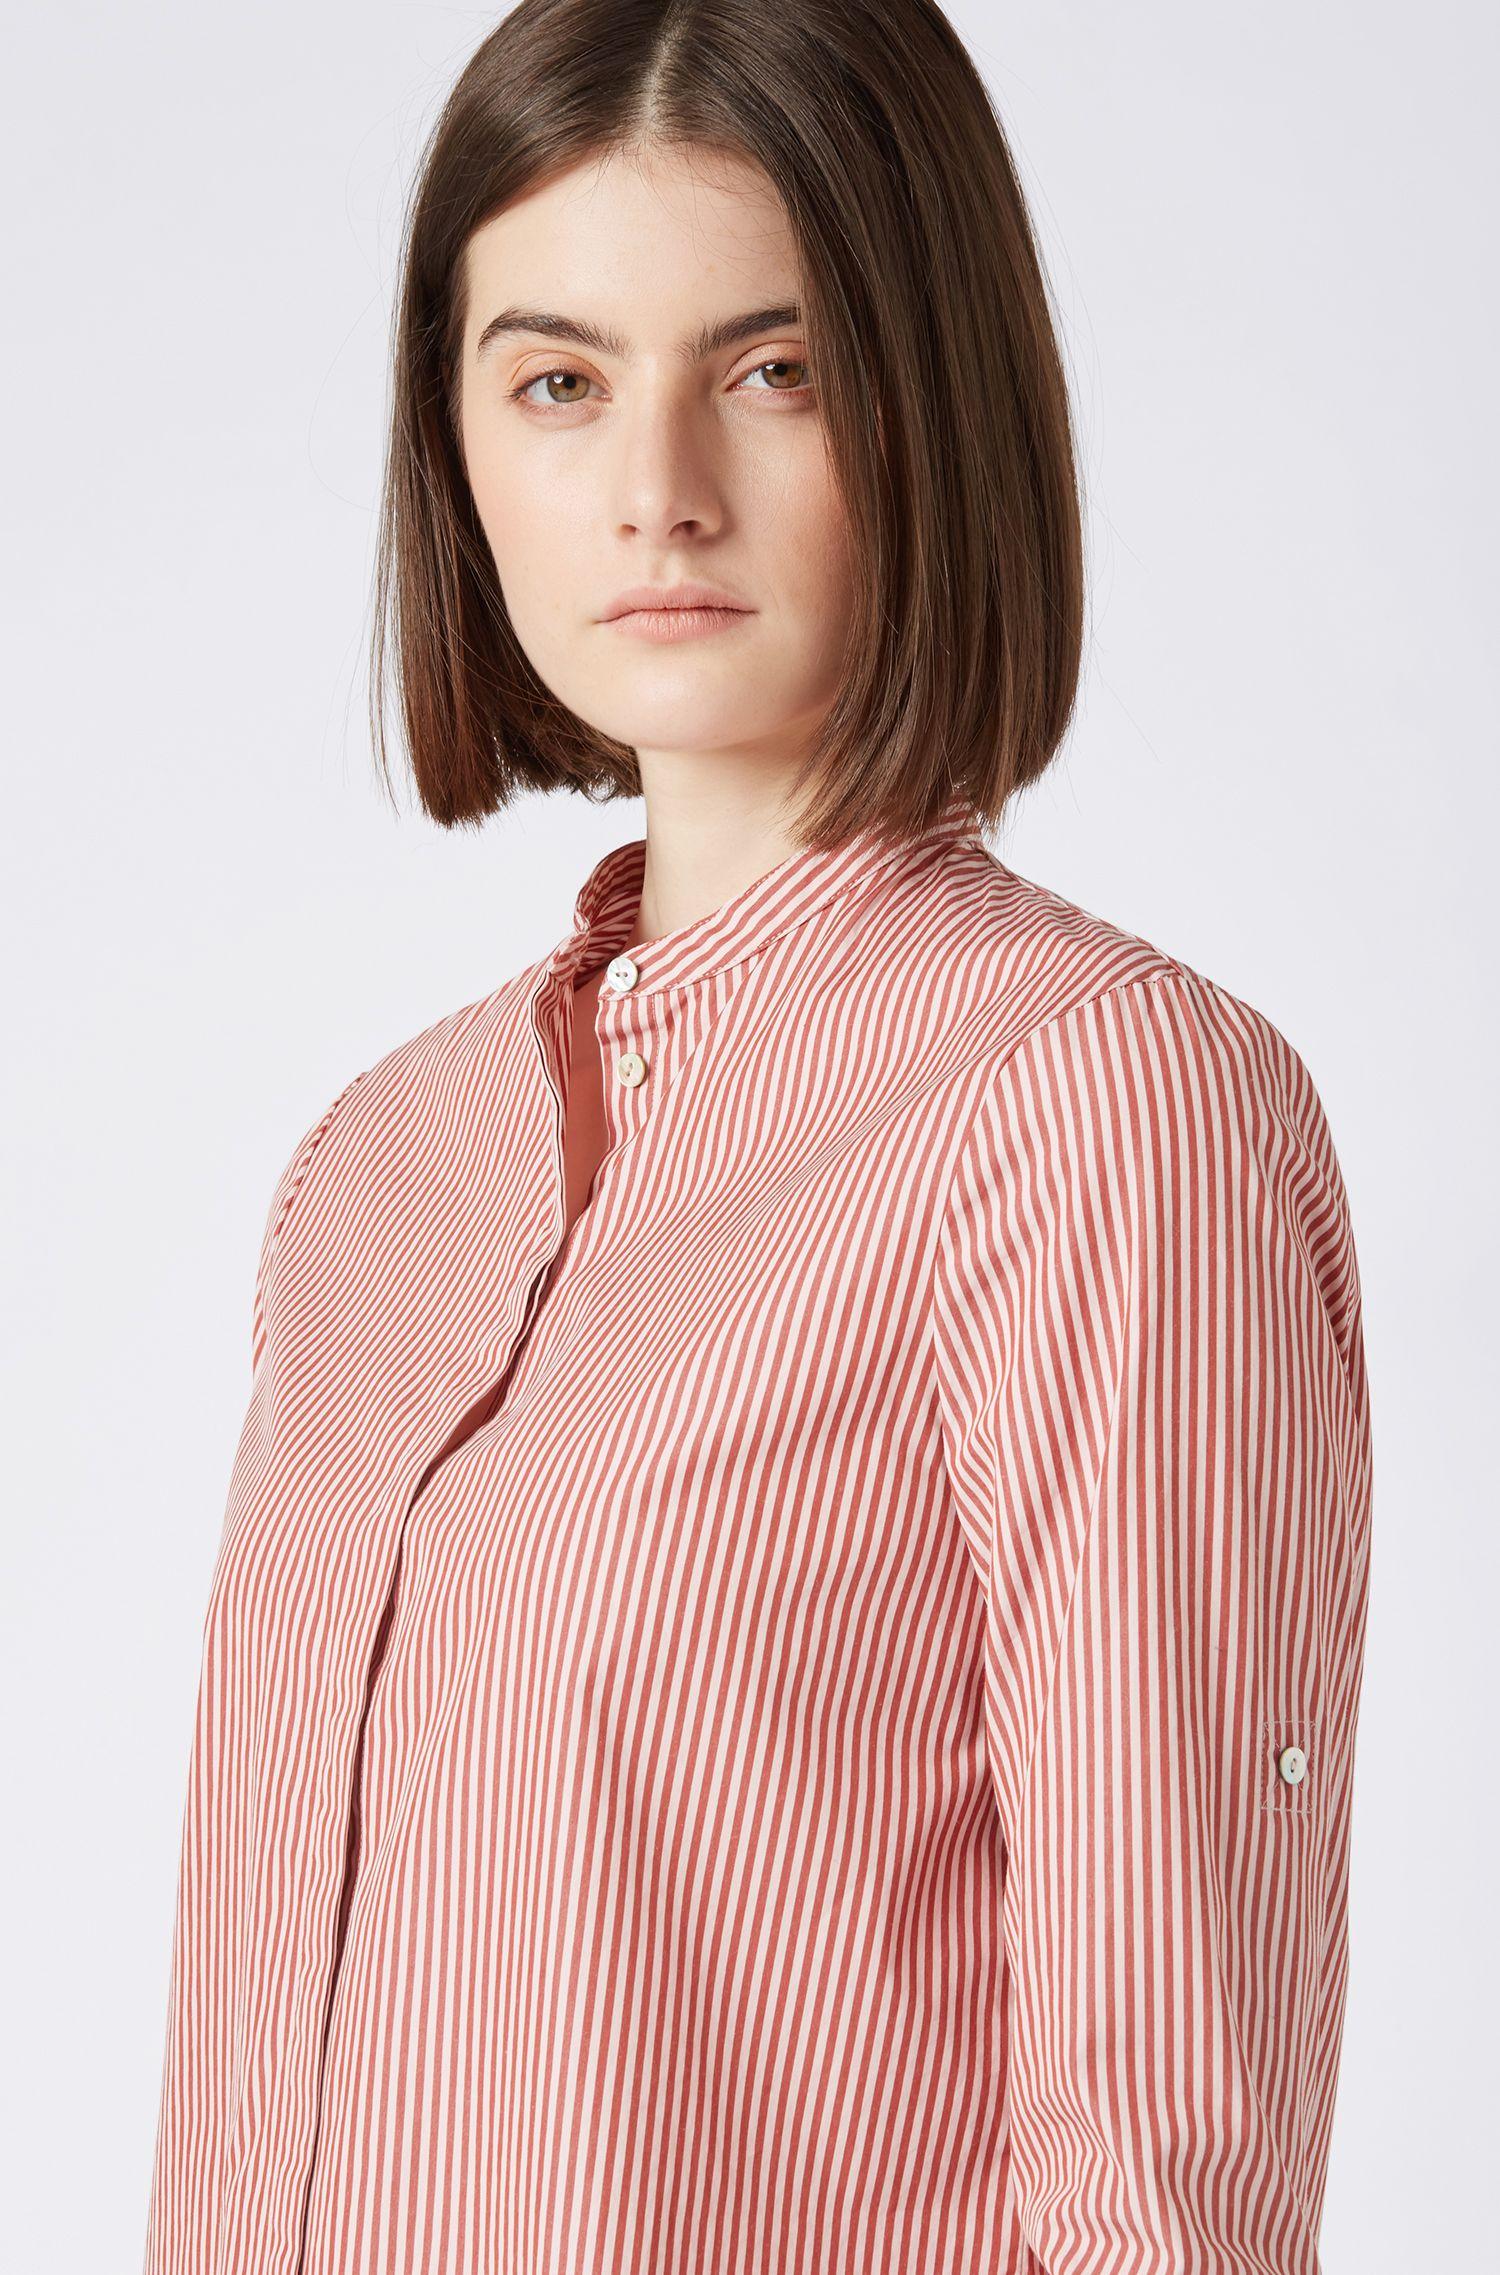 Hugo Boss - Relaxed-Fit Bluse aus gestreifter Baumwolle mit Stehkragen - 4